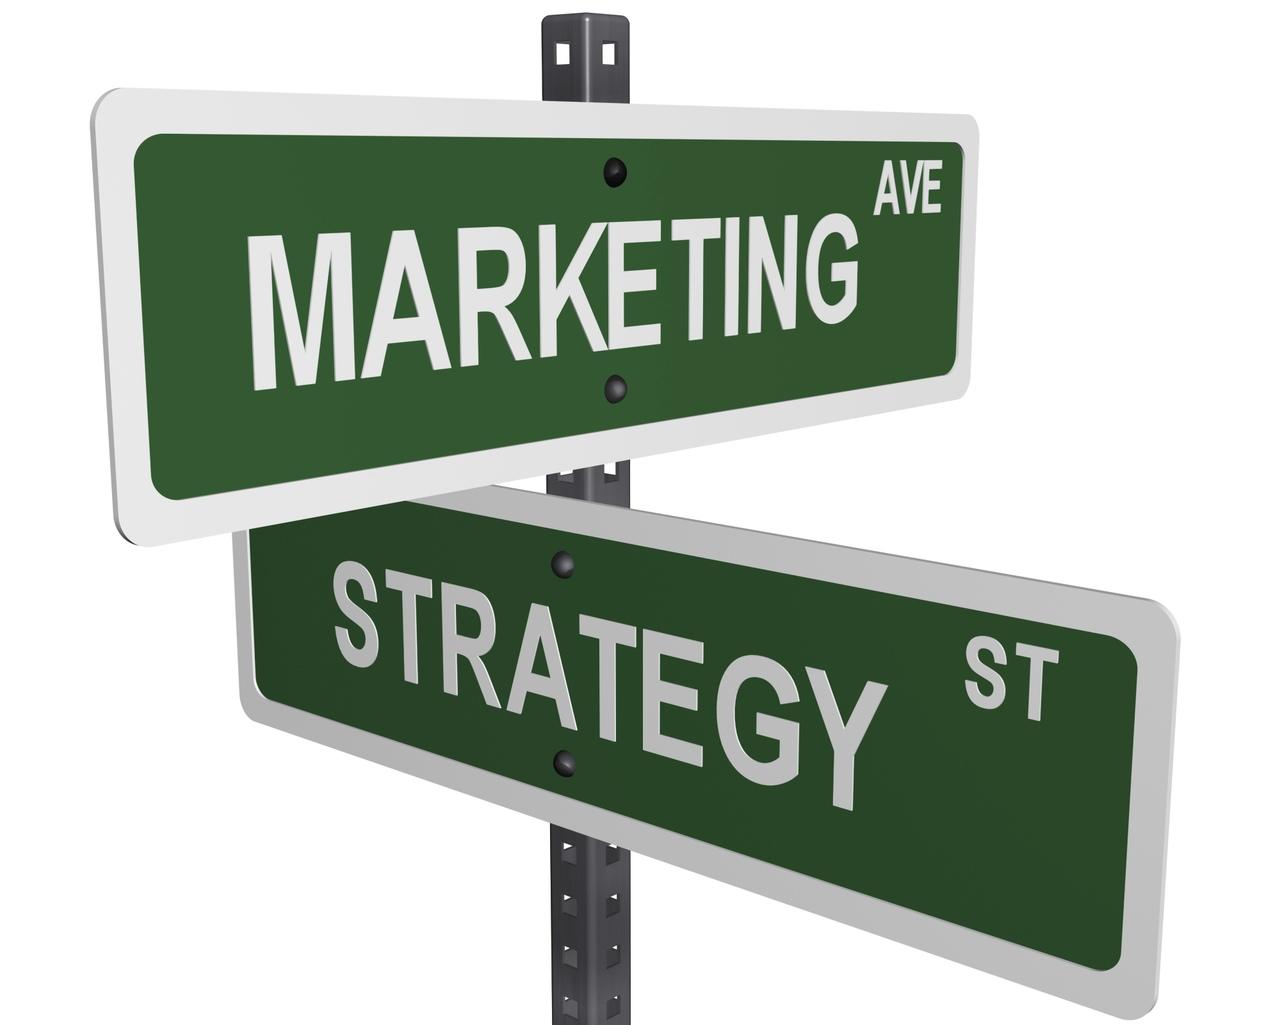 Стратегия маркетинга — планирование маркетинга